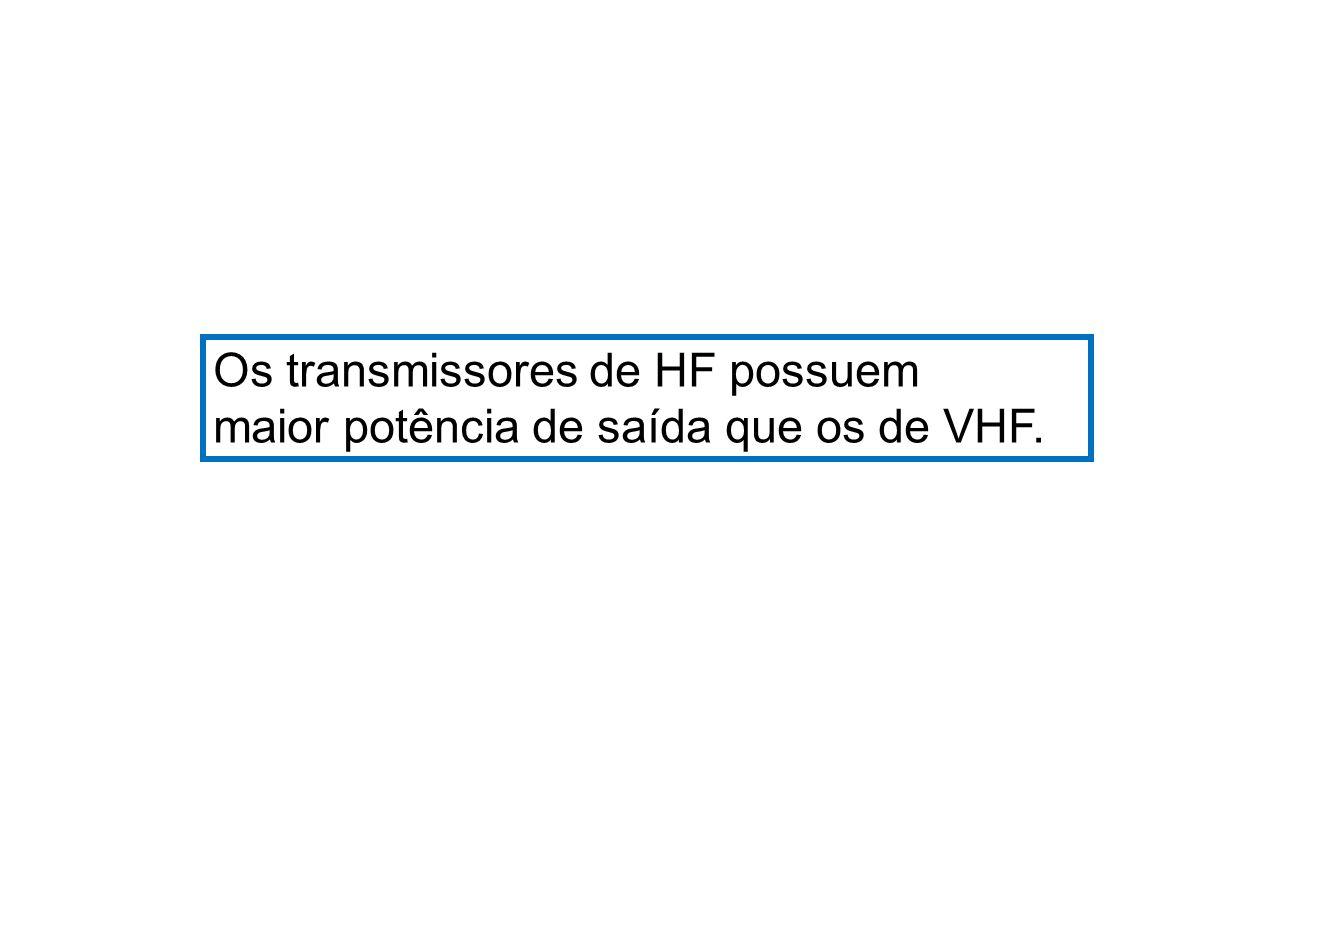 Os transmissores de HF possuem